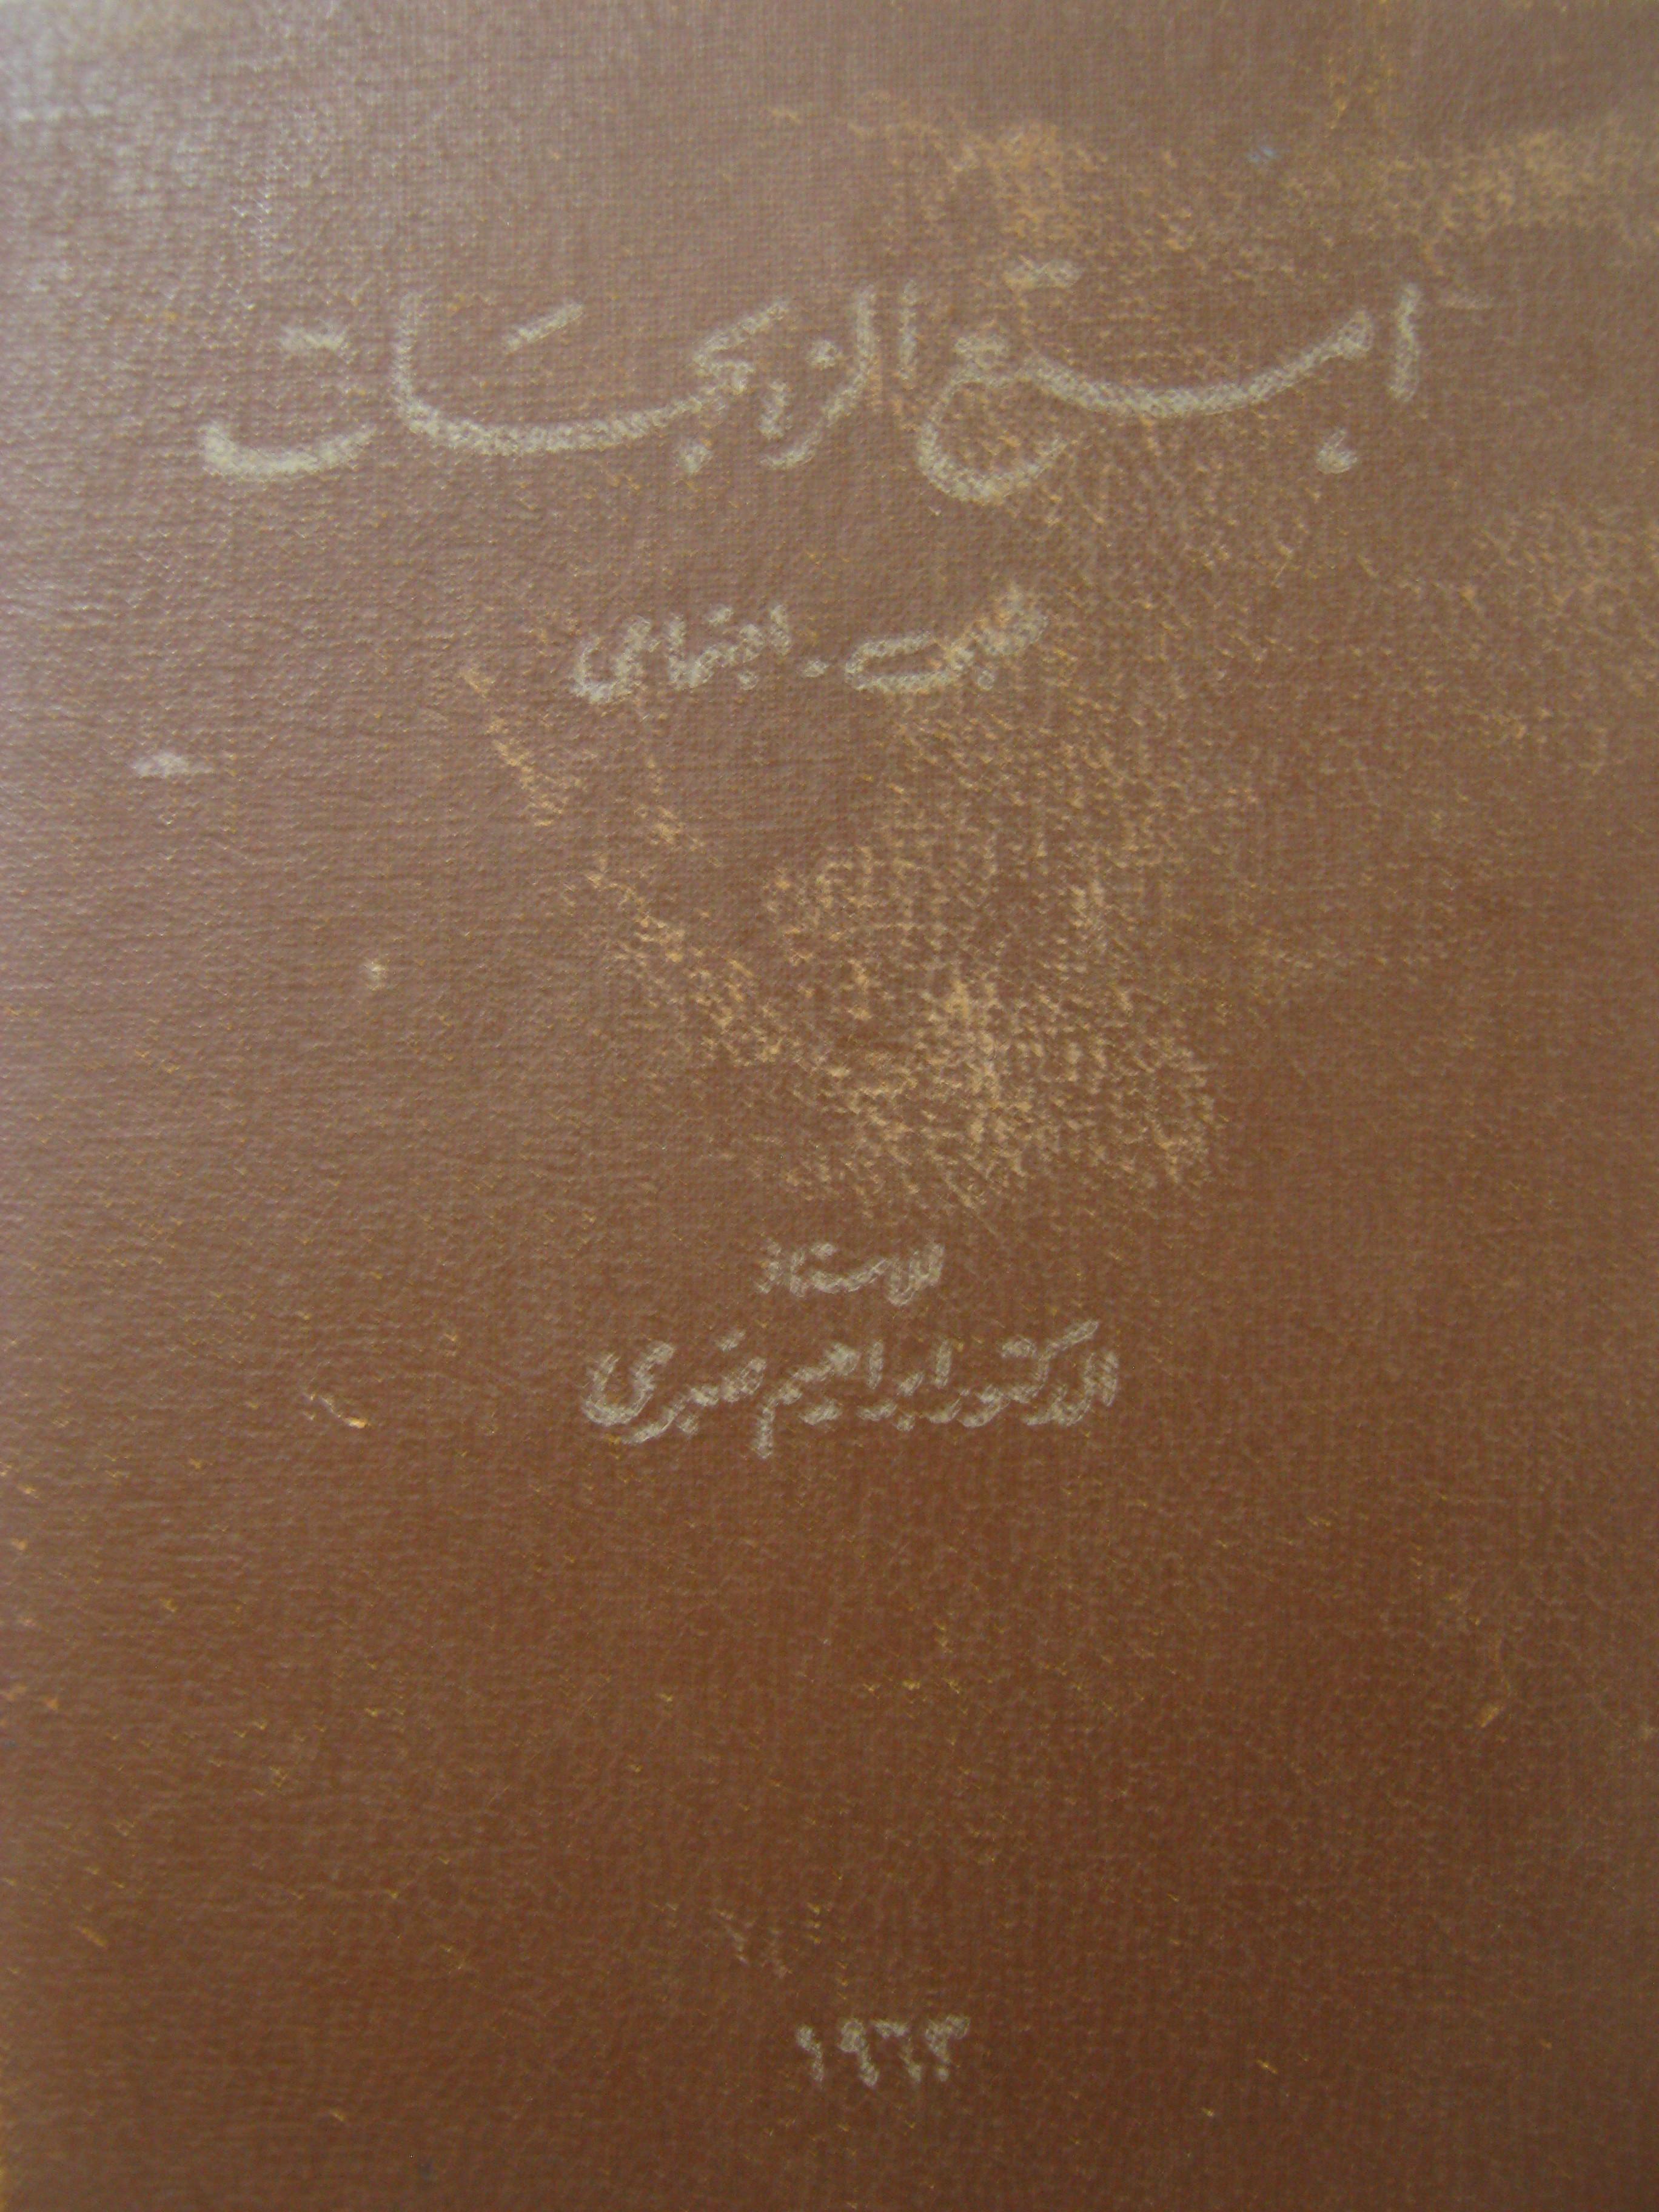 أمتع الزيجات إبراهيم صبري